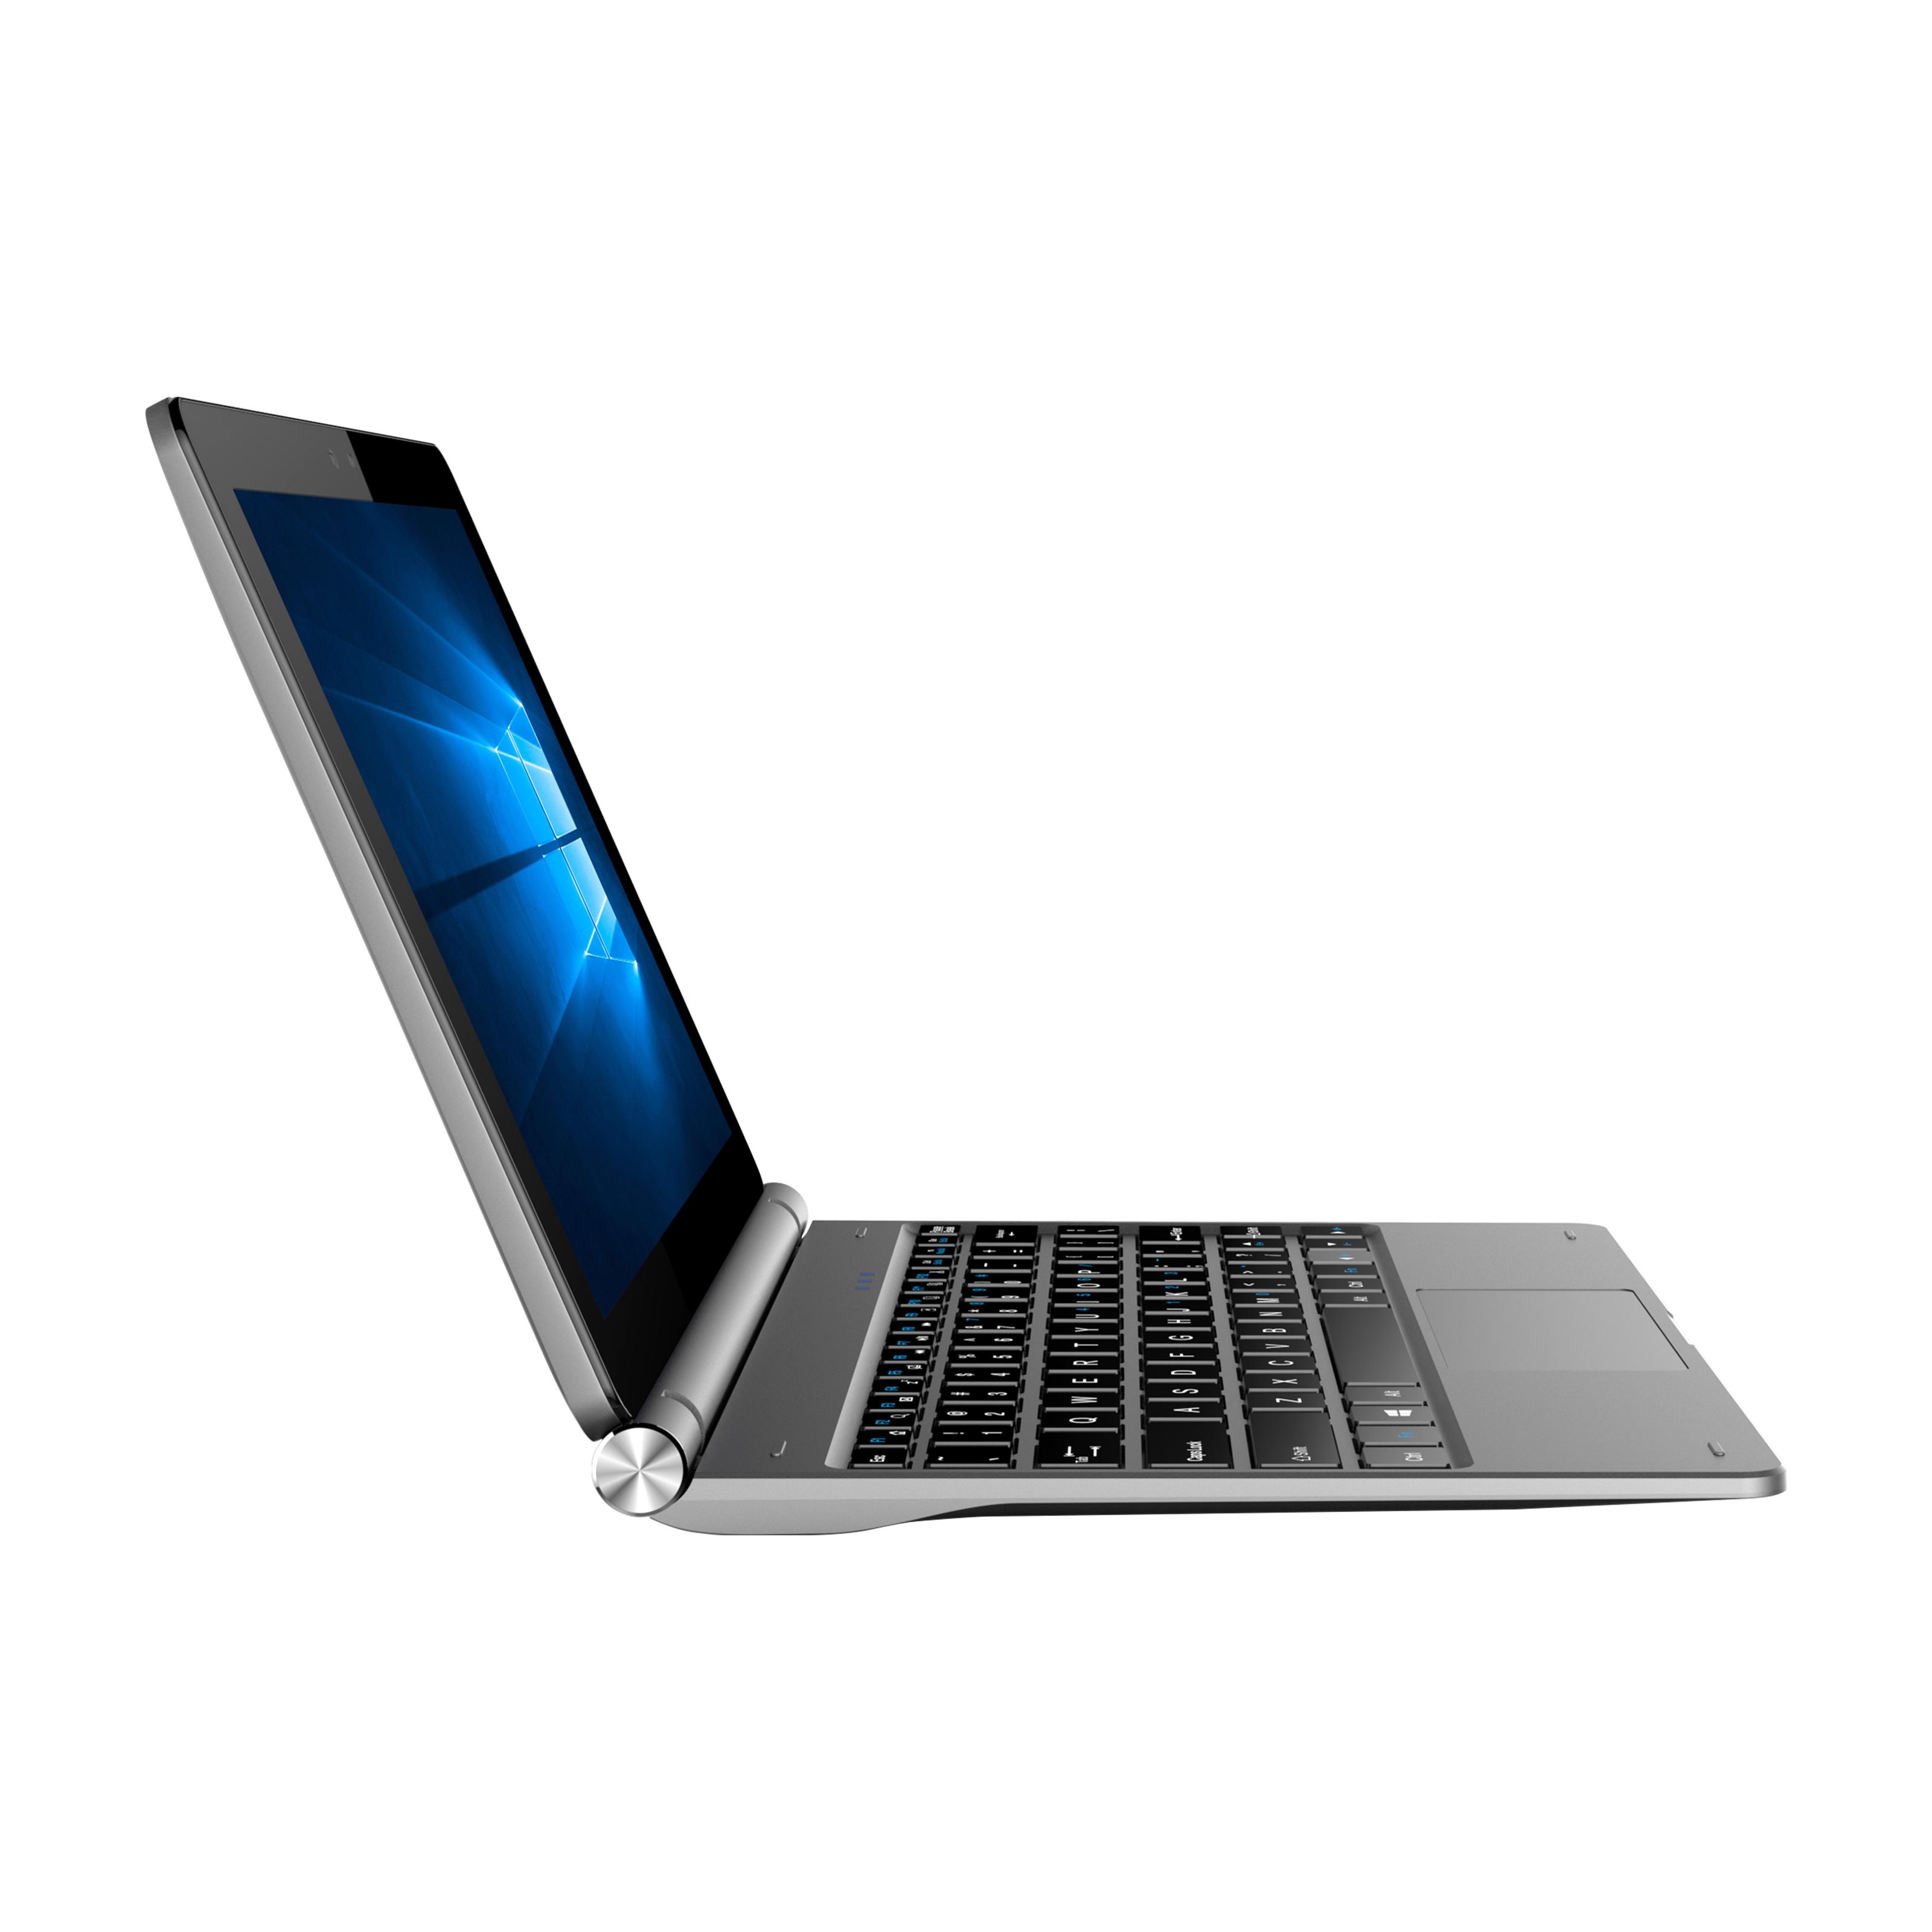 Tablette windows 7 oem 10.1 pouces Cherry trail avec clavier détachable, tablette 2 en 1